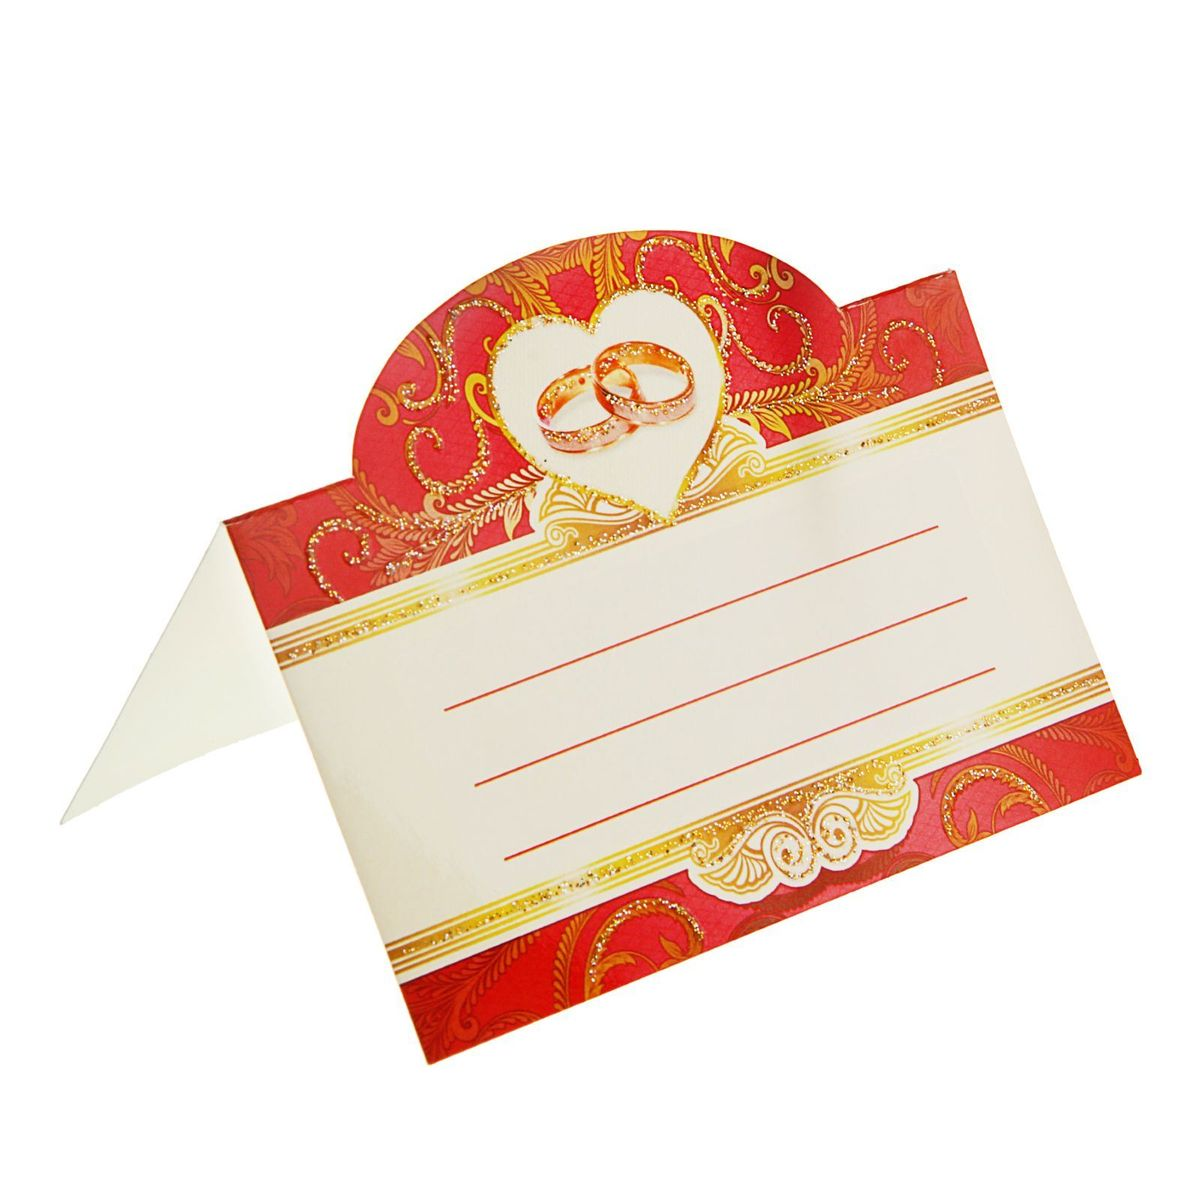 Карточка банкетная Sima-land19201Красиво оформленный свадебный стол - это эффектное, неординарное и очень значимое обрамление для проведения любого запланированного вами торжества. Банкетная карточка Sima-land - это красивое и оригинальное украшение зала, которое дополнит выдержанный стиль мероприятия и передаст праздничное настроение вам и вашим гостям.